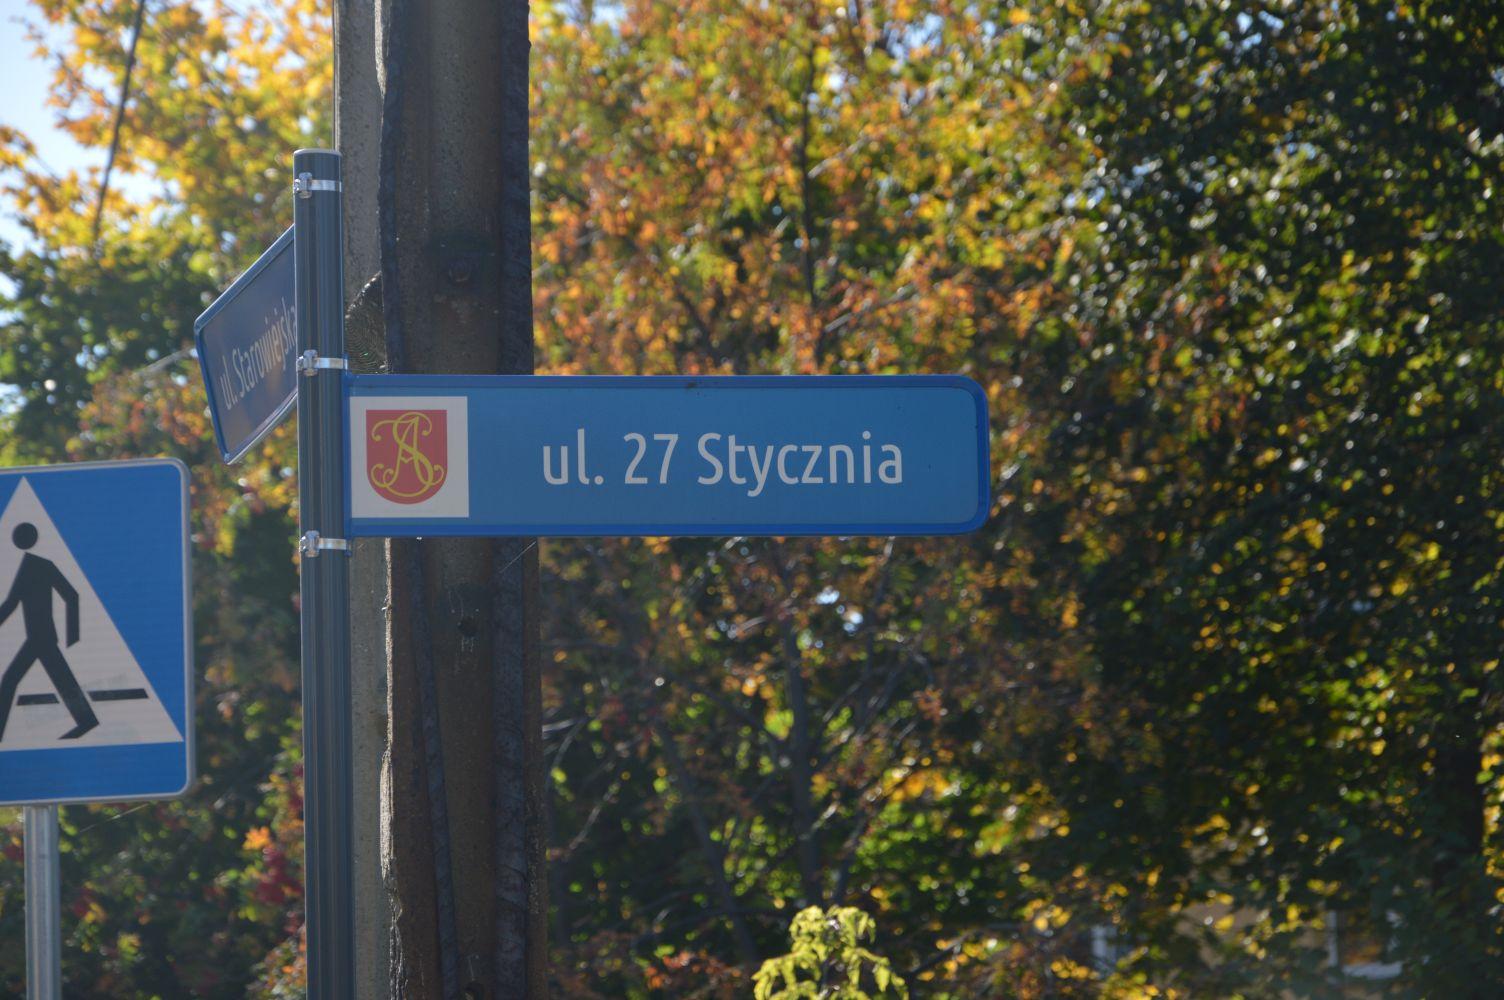 Ulica 27 Stycznia ulicą Rotmistrza Witolda Pileckiego?